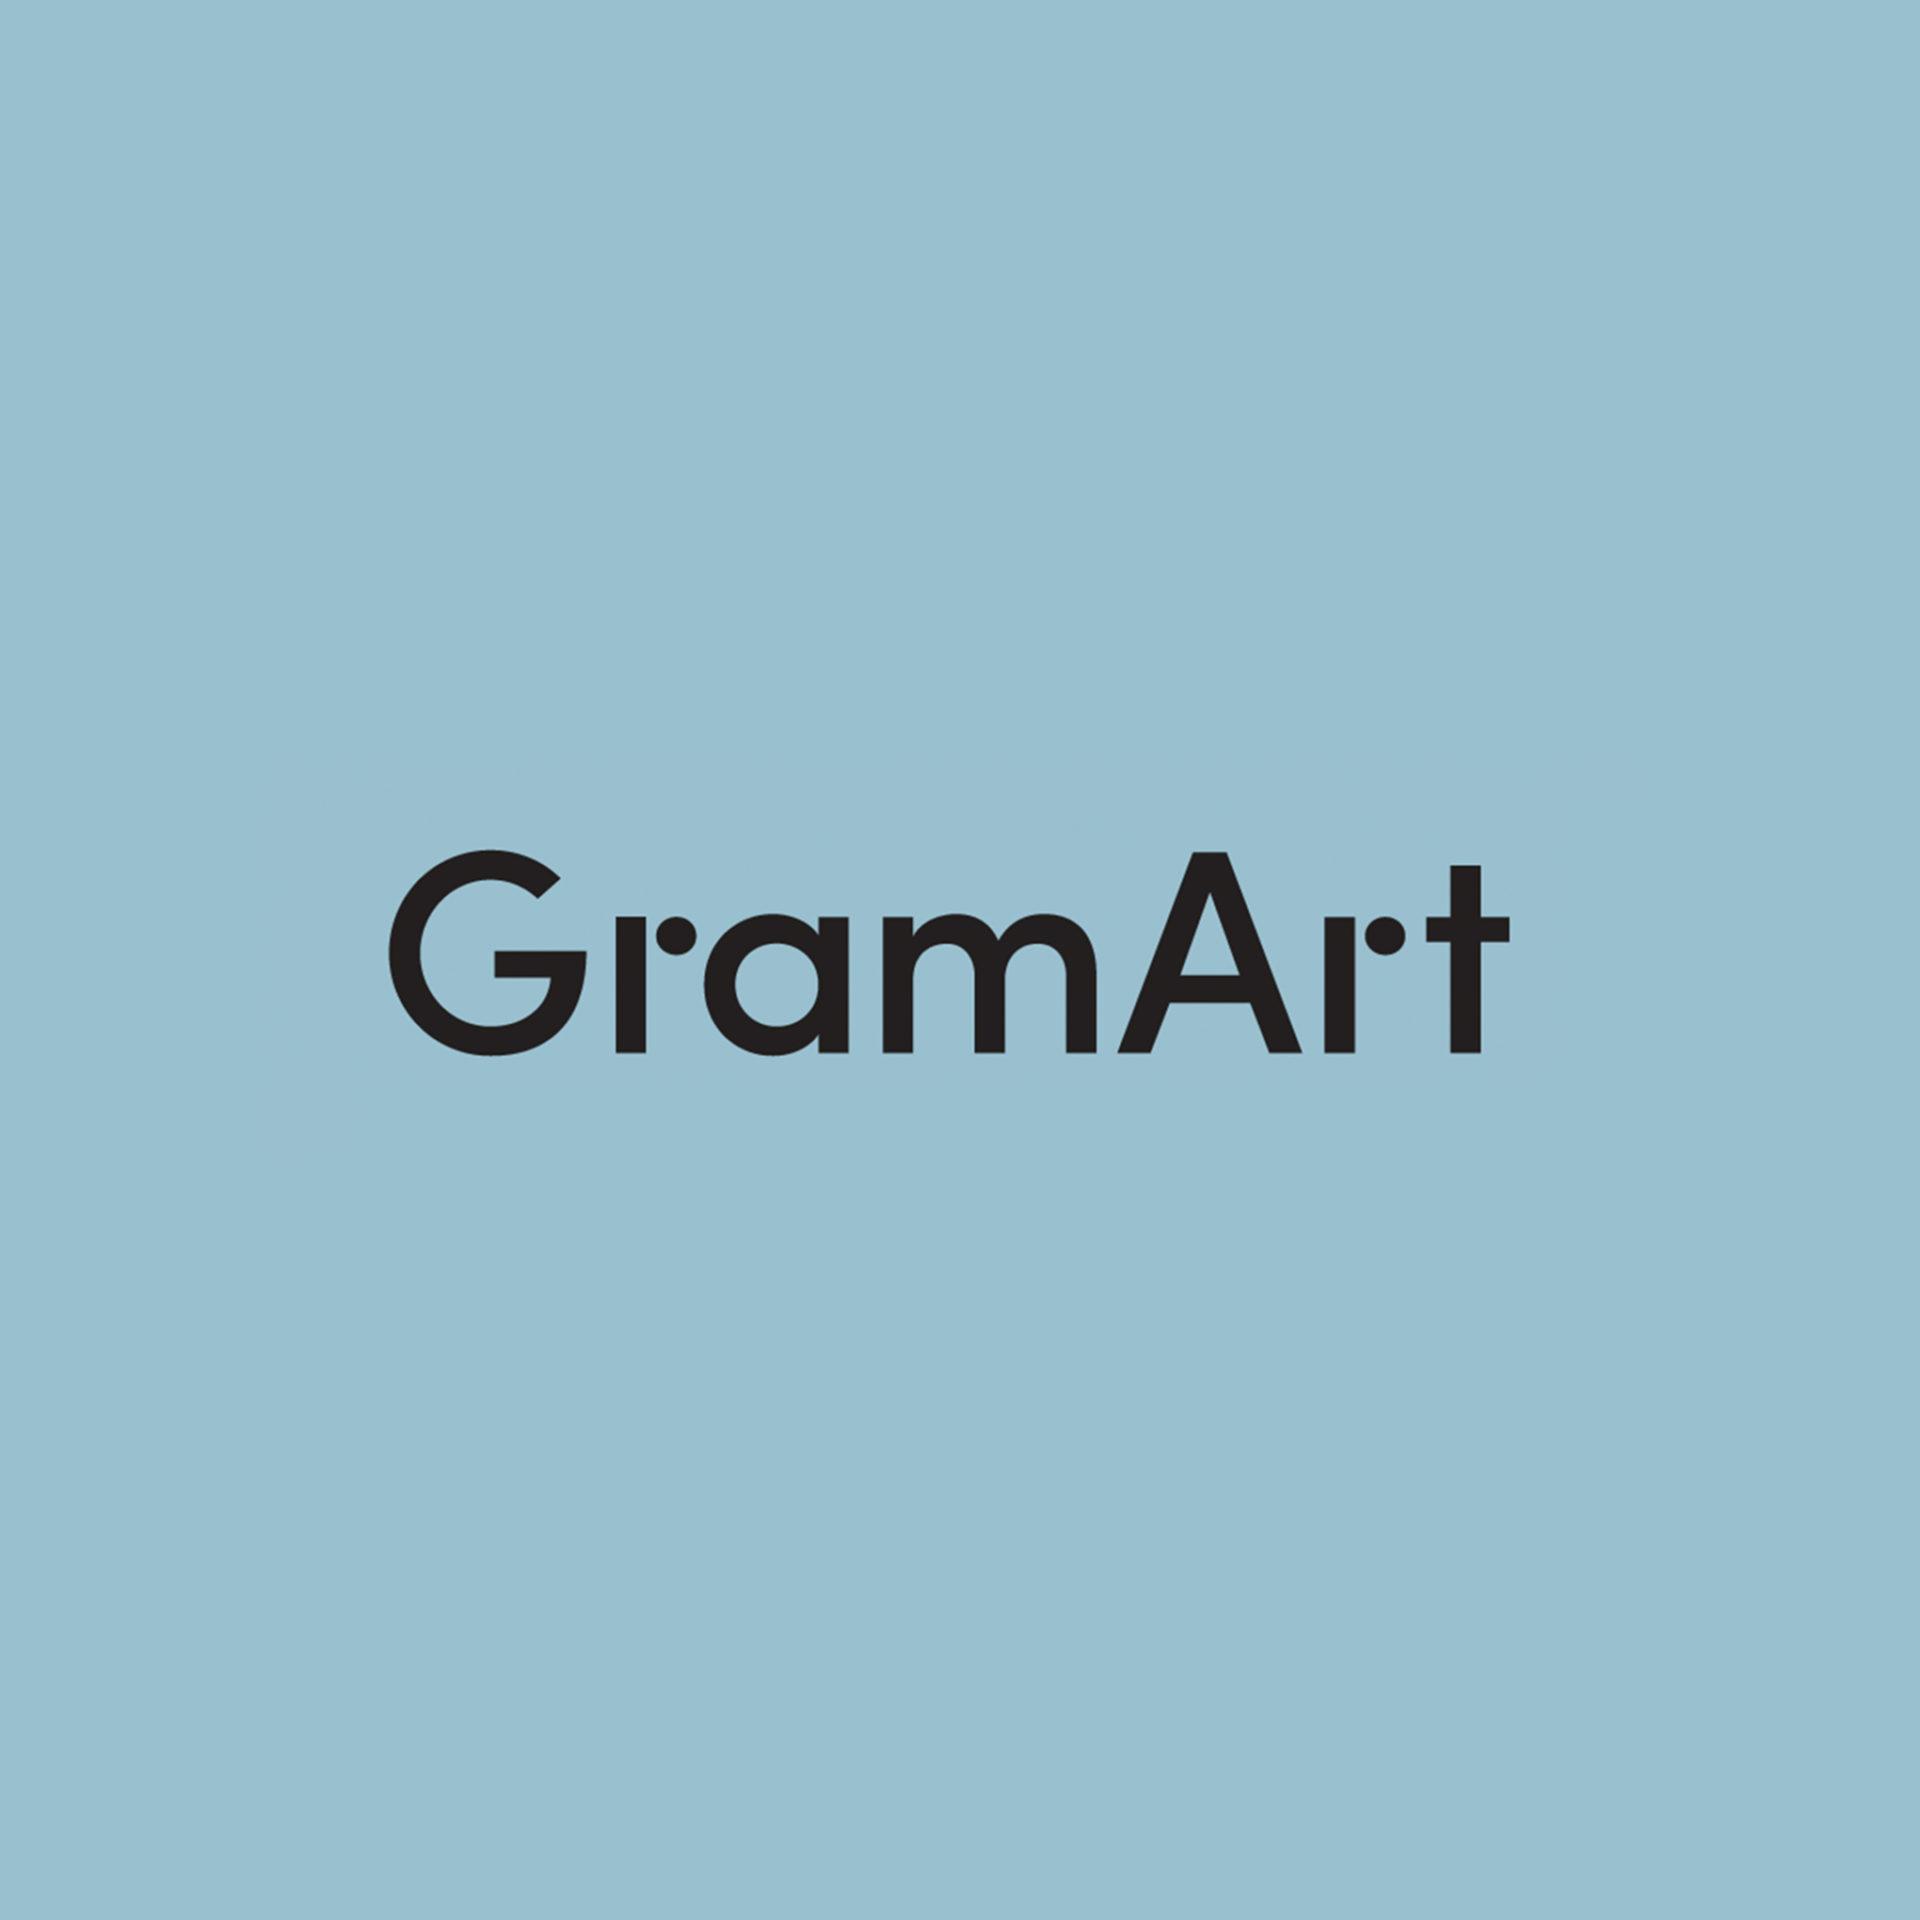 Bilde av GramArt sin logo på en blå bakgrunn